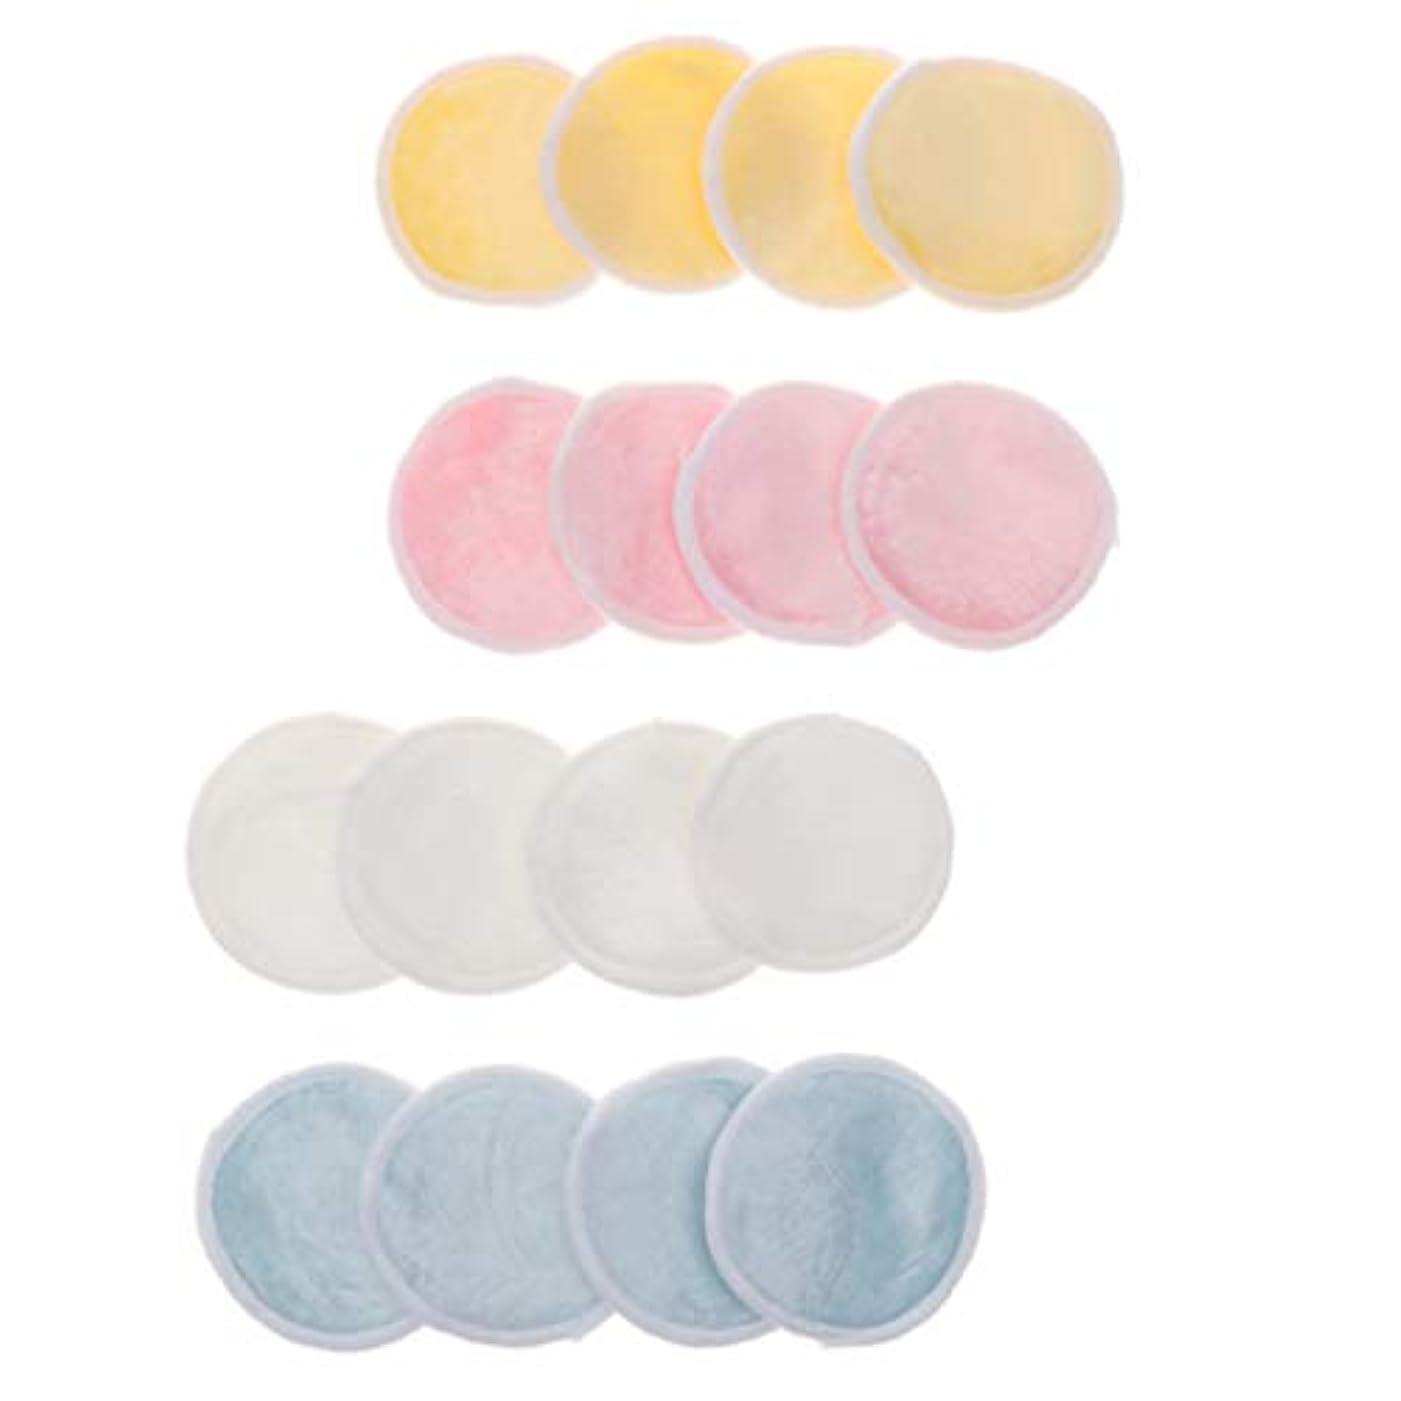 フレームワークレビュー正確16個 クレンジングシート 化粧コットン パッド メイク落とし 再使用可能 ジッパーメッシュバッグ付